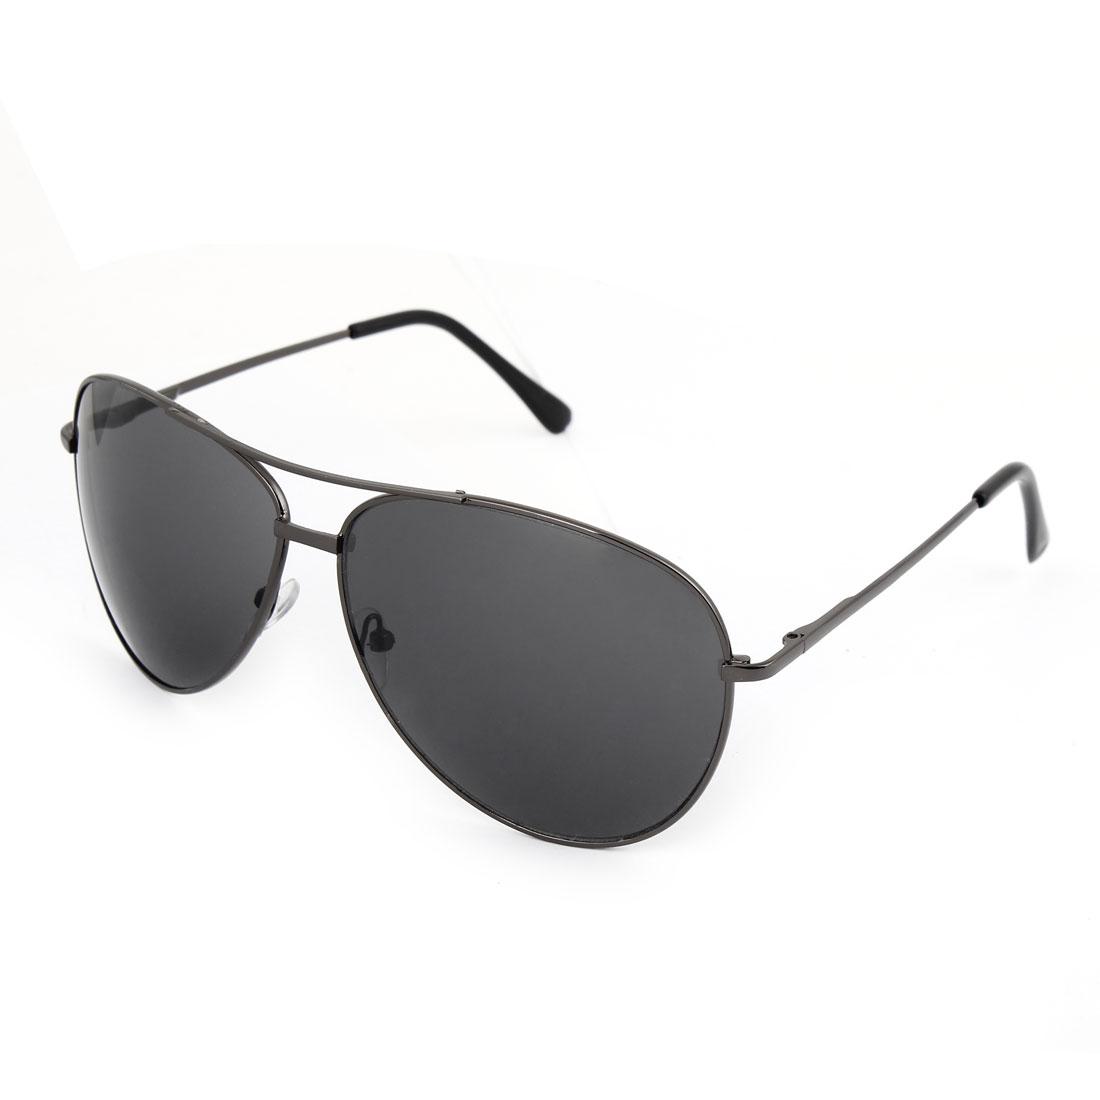 Teardrop Lens Double Bridge Full Rim Sunglasses Gray Black for Men